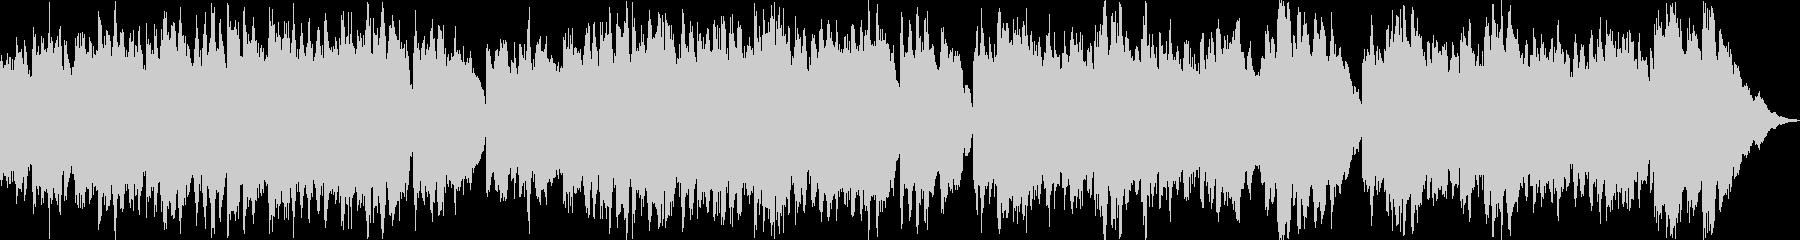 ソル作曲 6つのディヴェルティメントからの未再生の波形